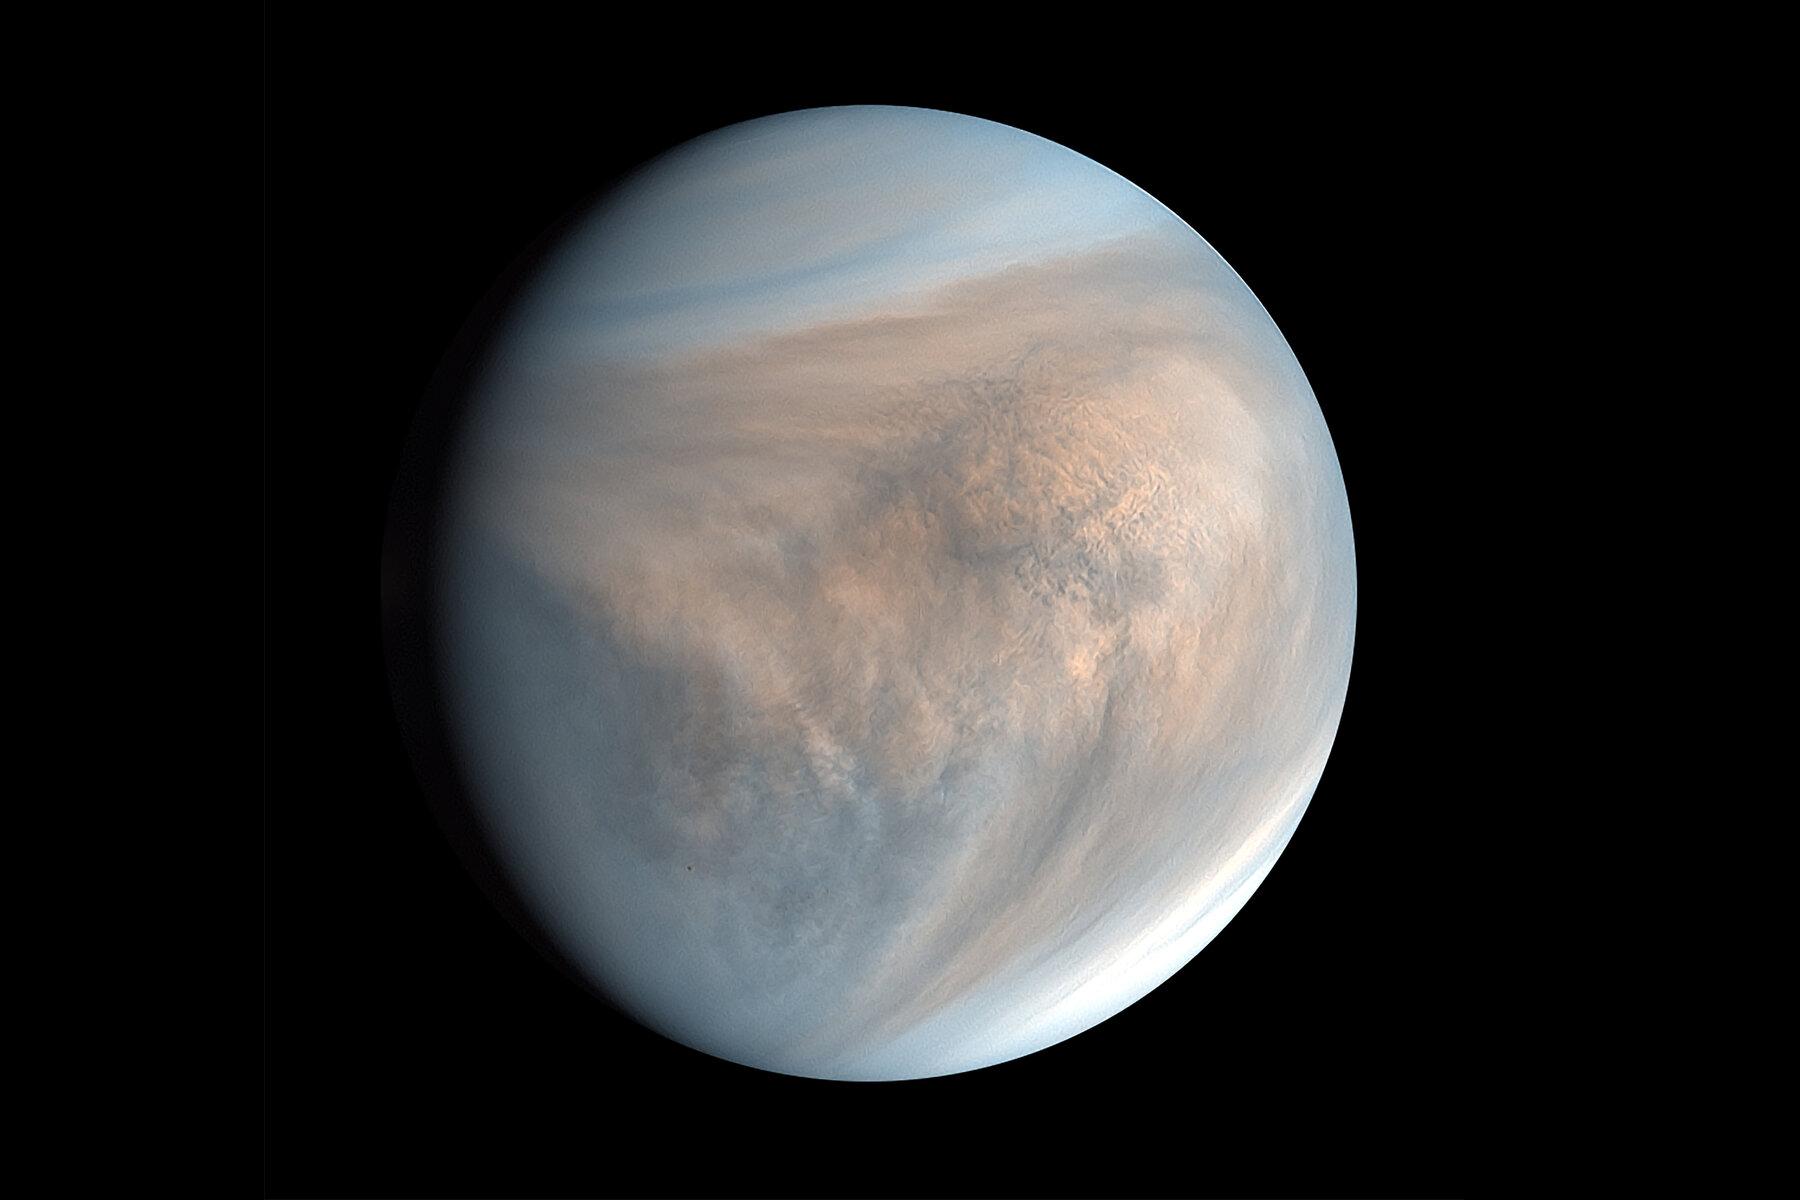 Європейське космічне агентство анонсувало нову місію на Венеру